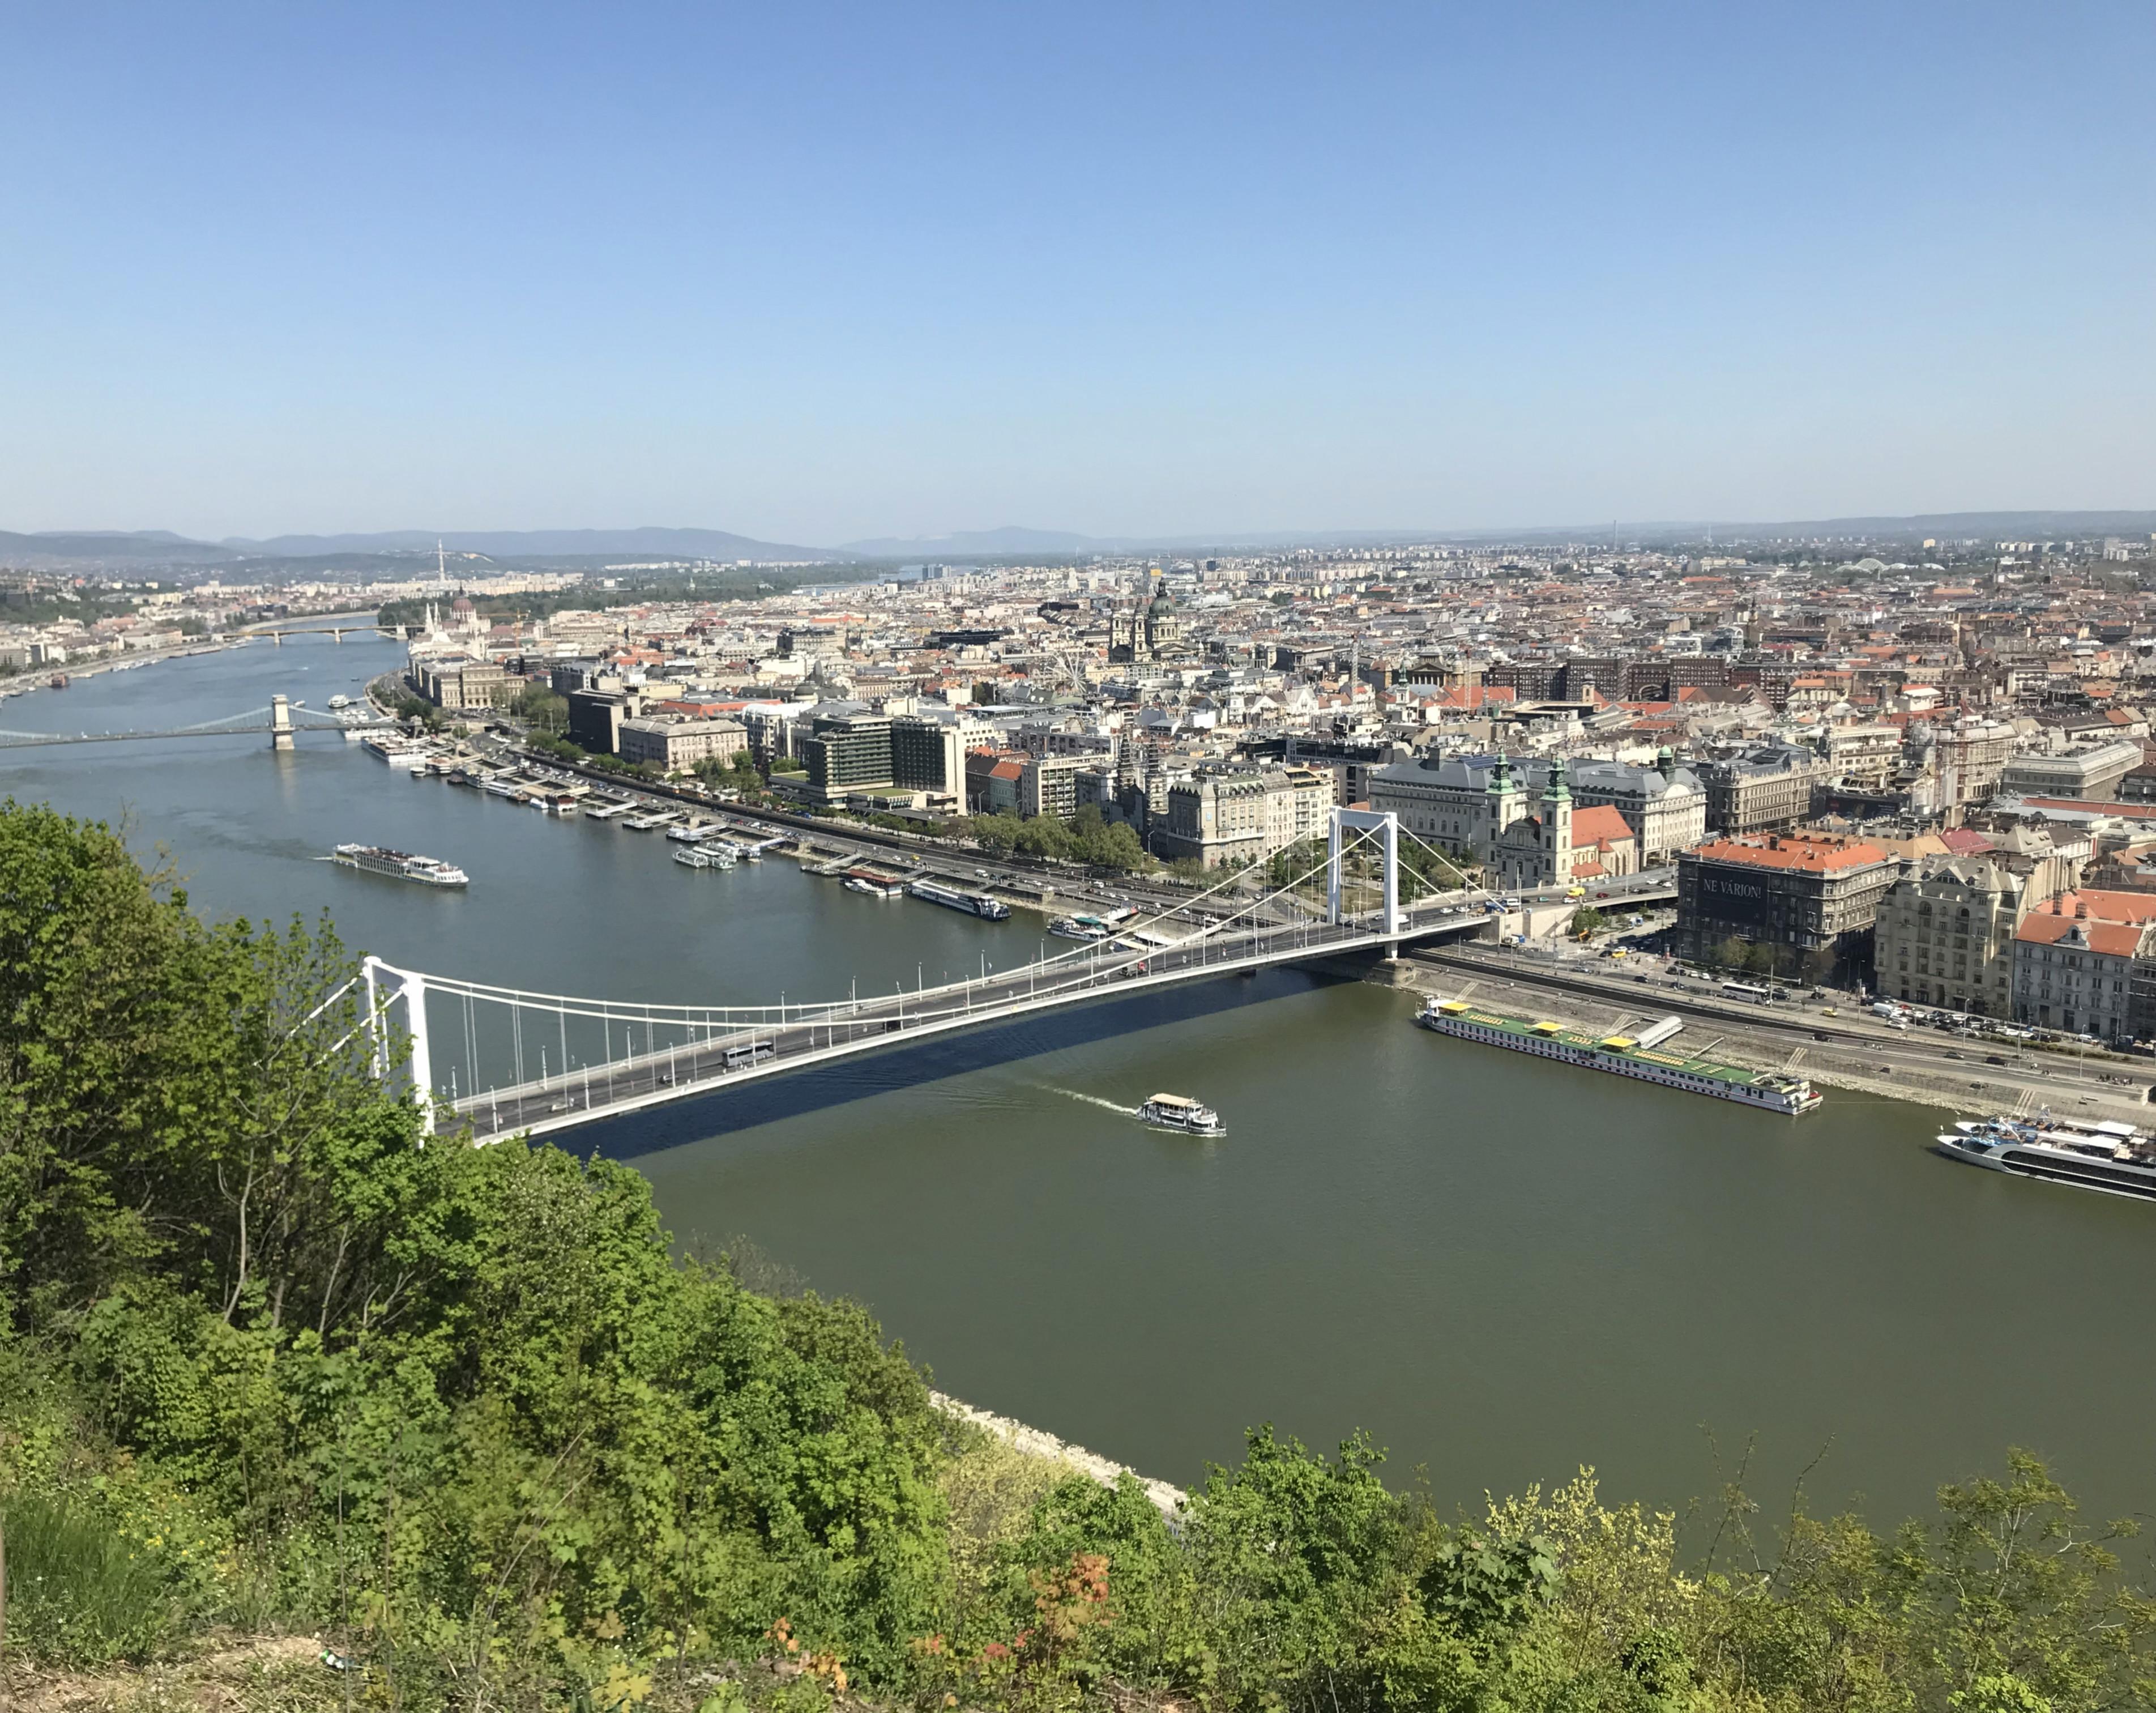 【ブダペスト旅行ブログ】ハンガリー2泊3日!温泉とジャズクラブ #2